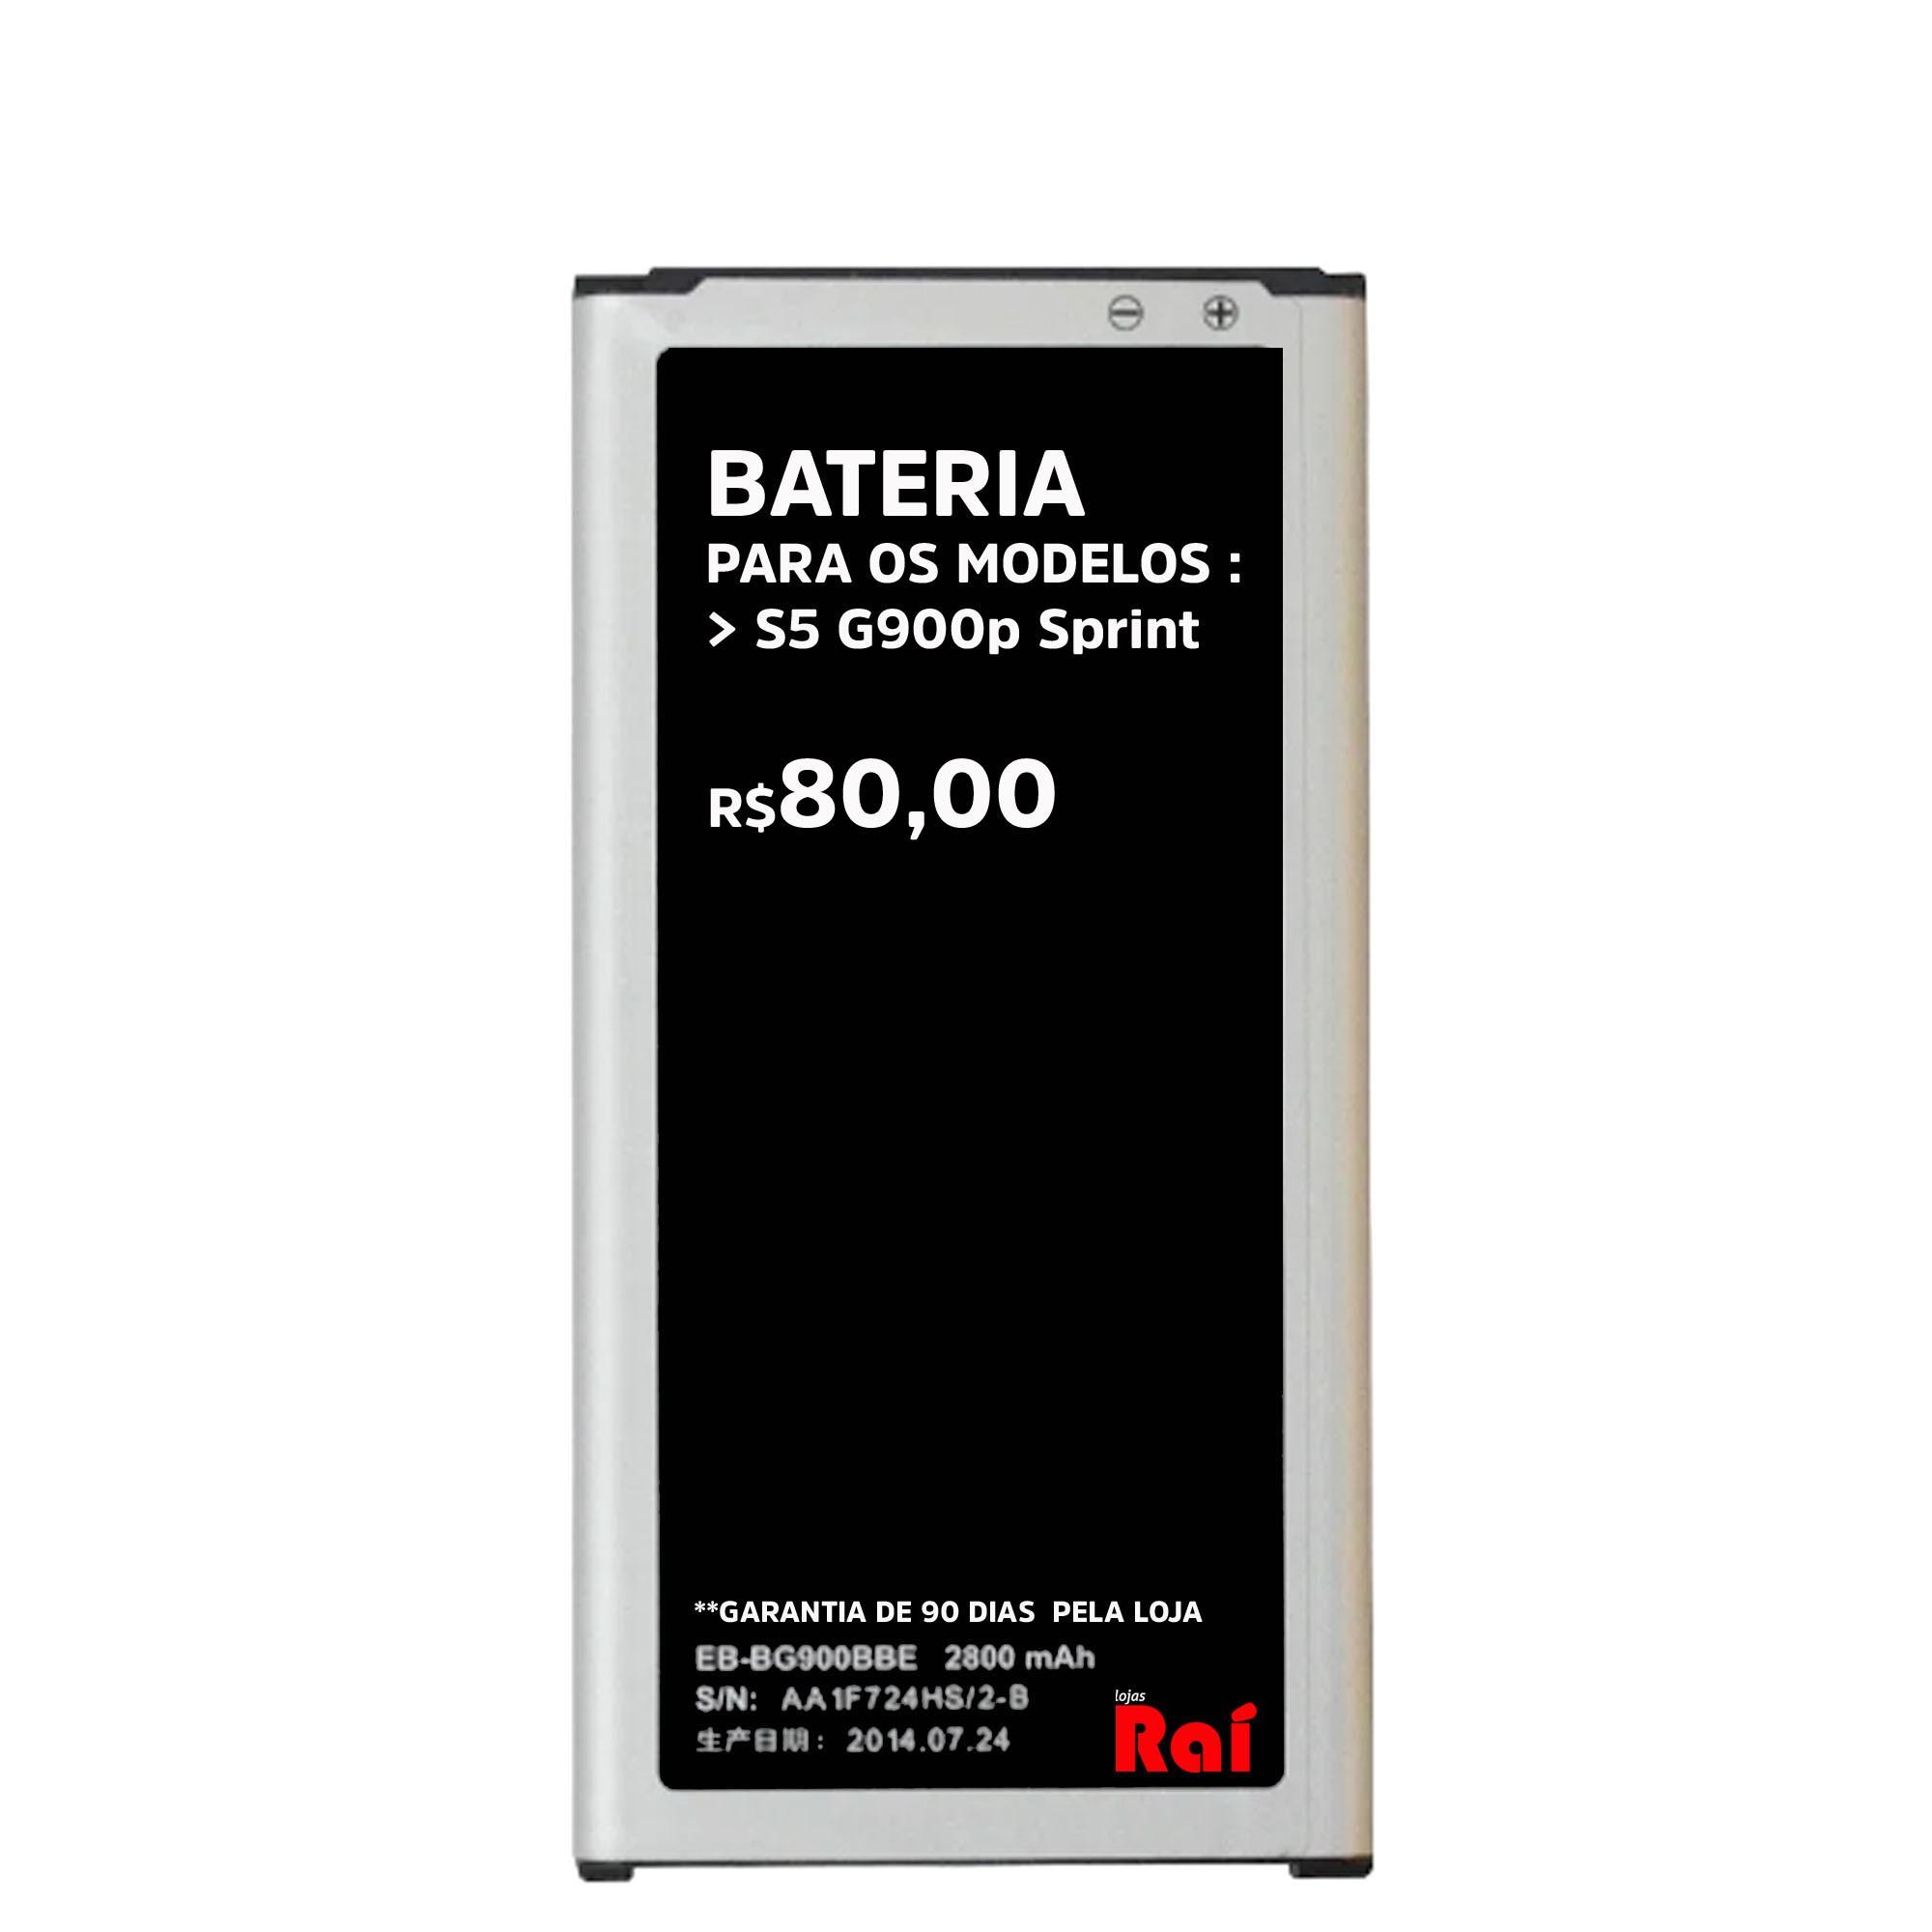 BATERIA EB-GB900BBE